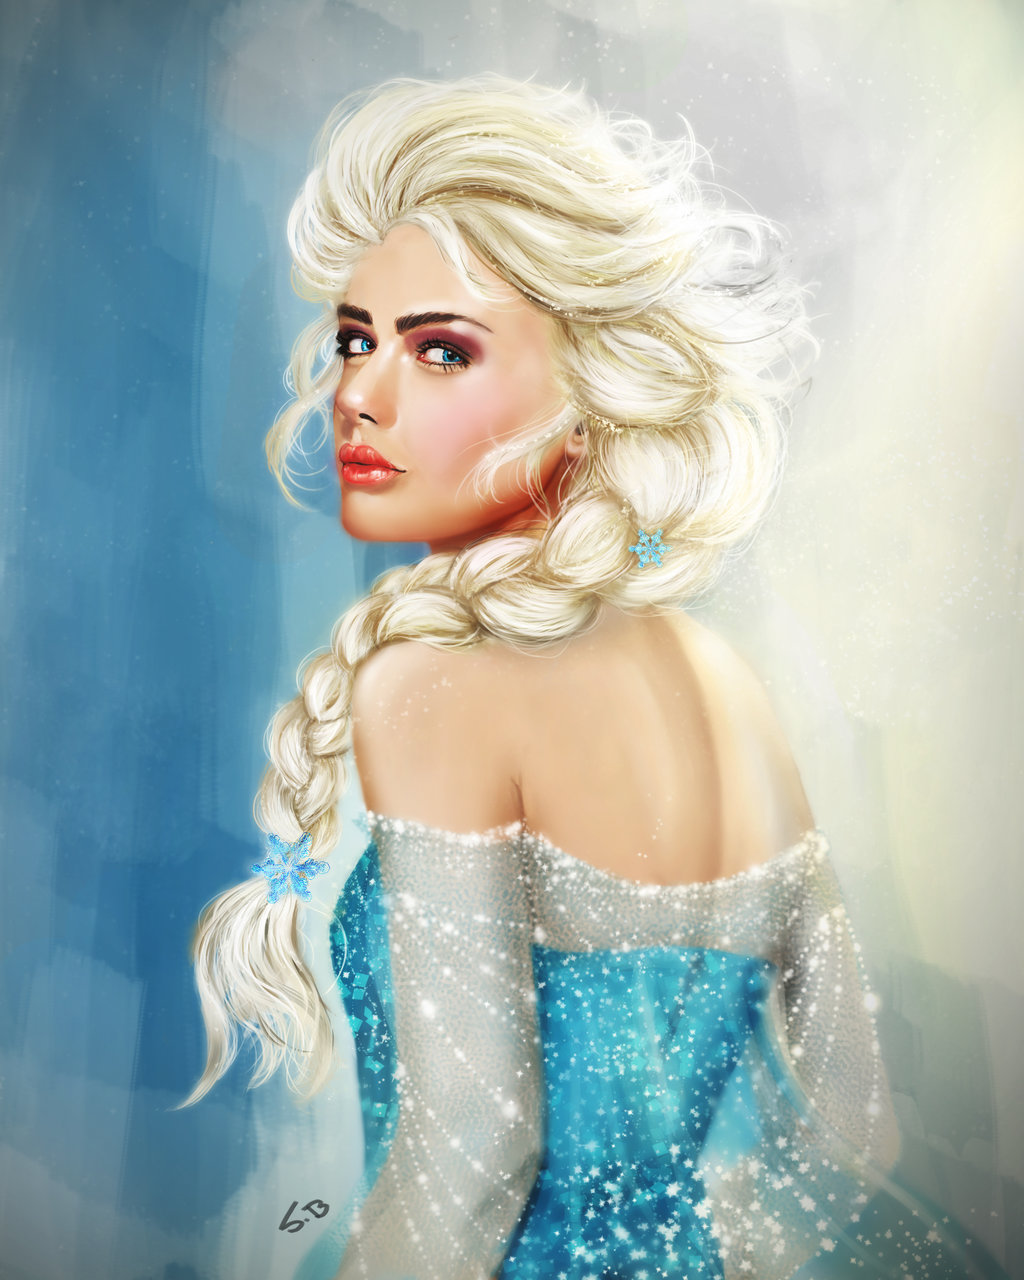 snow queen elsa frozen - photo #18